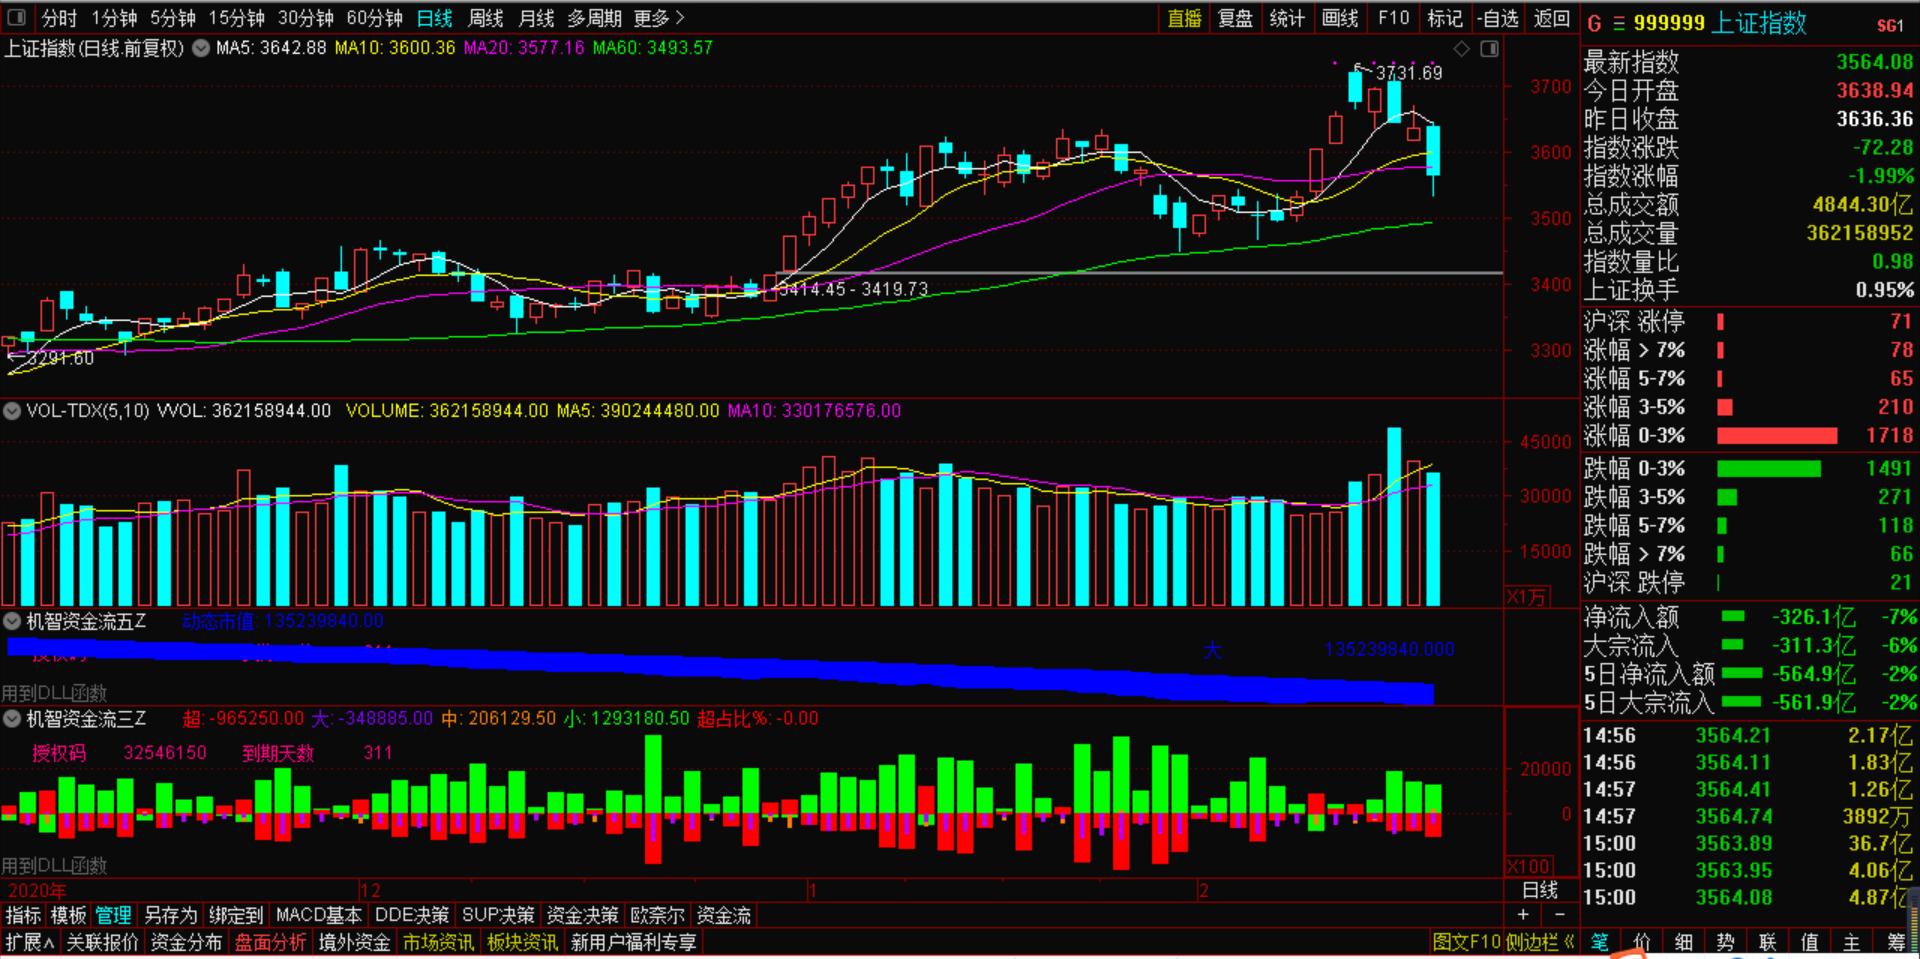 2月25号机智软件|通过股票软件行情分析,贵州茅台连续大跌,A股市场风格巨变!